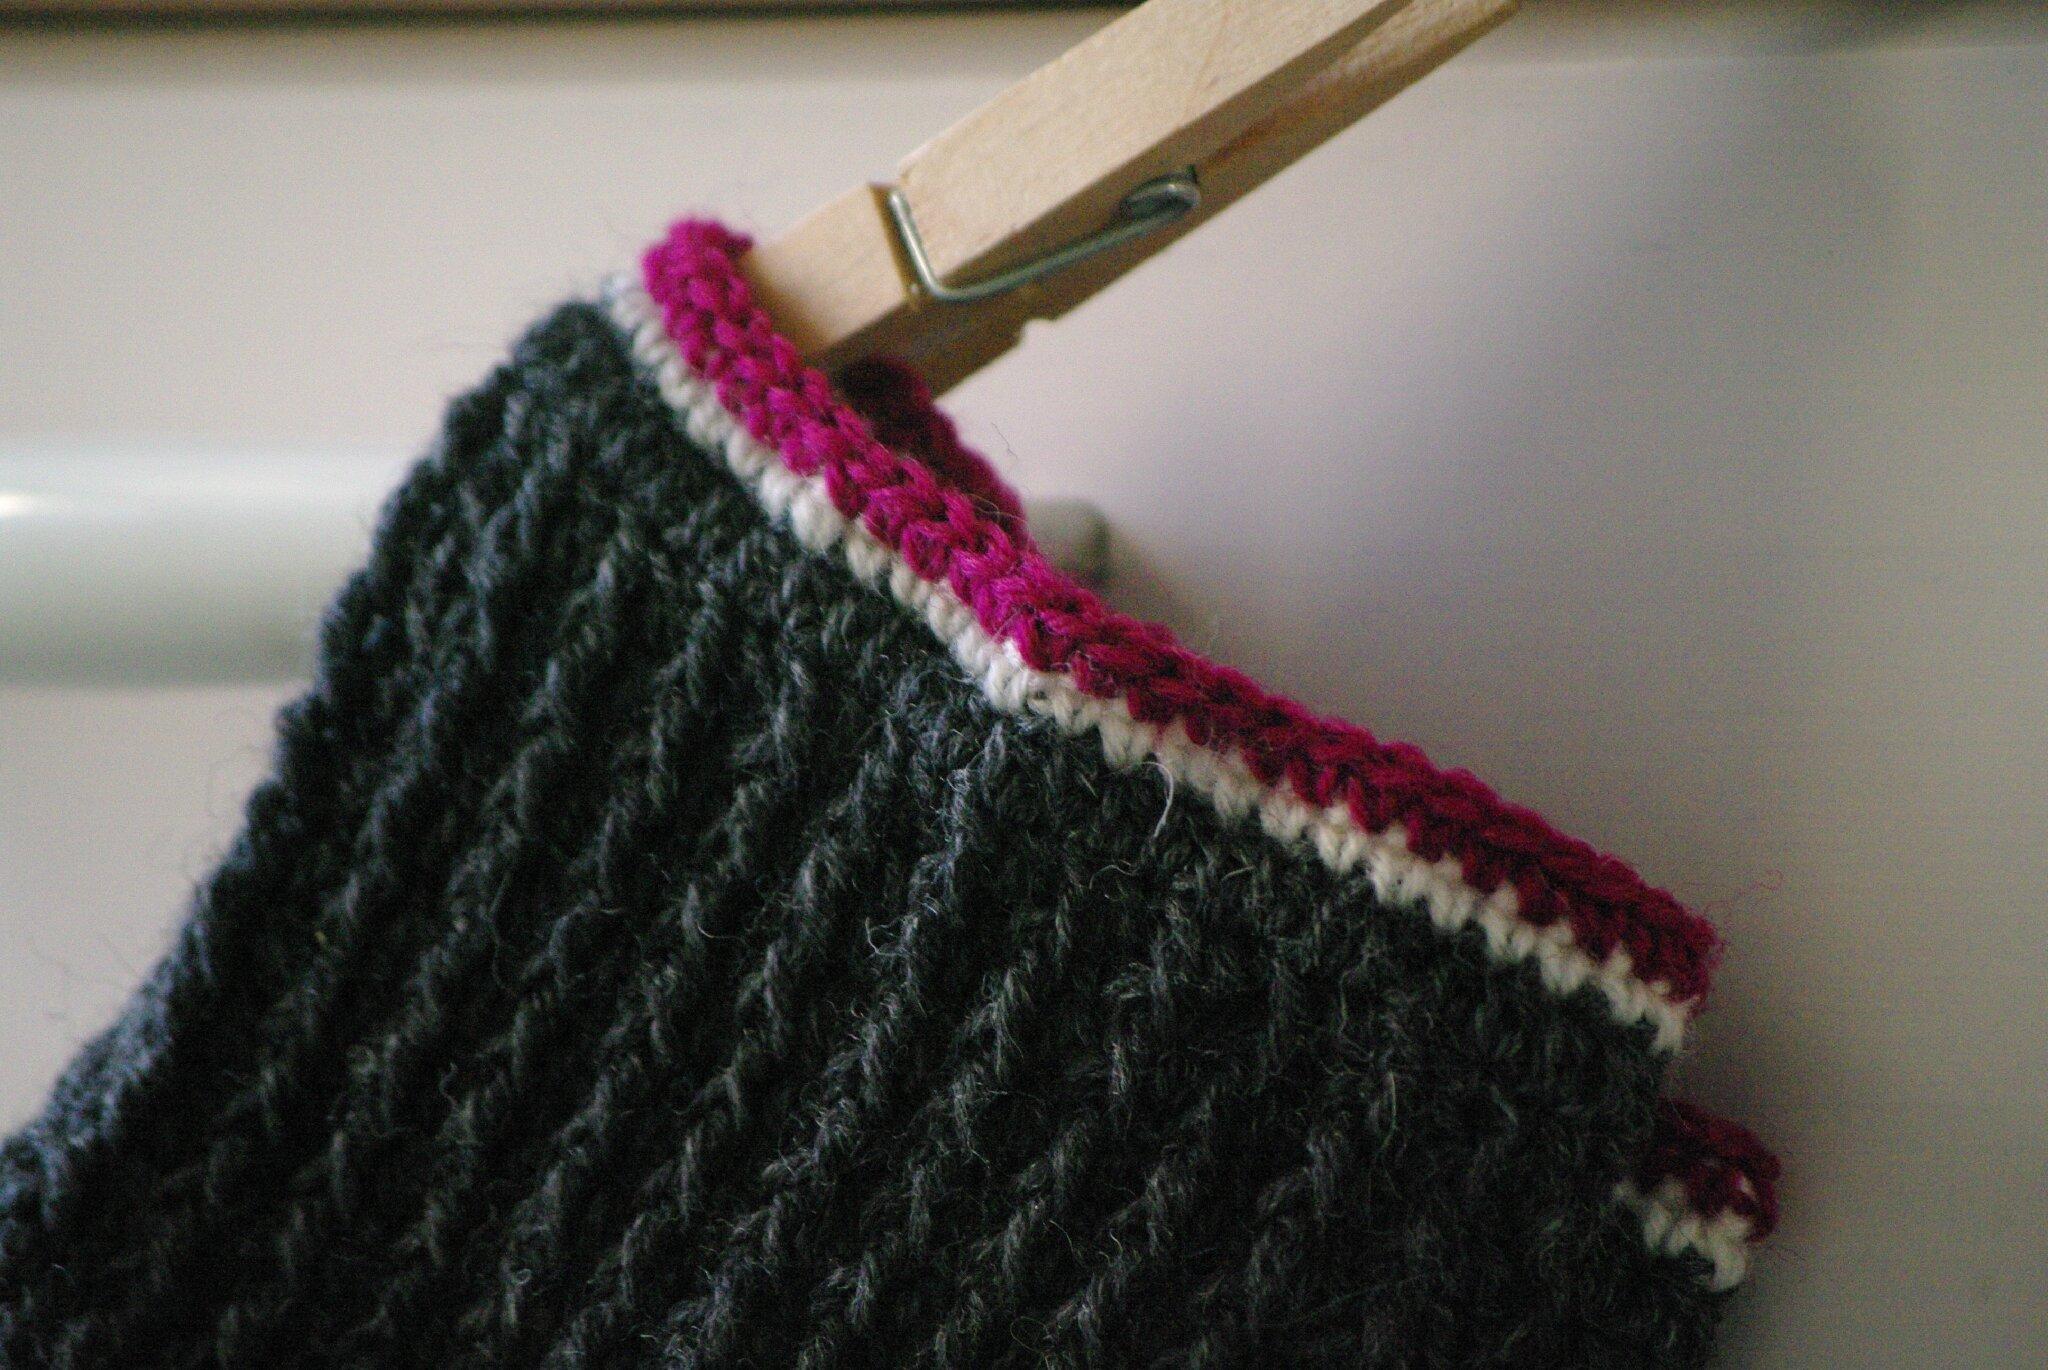 bordure chaussette au crochet